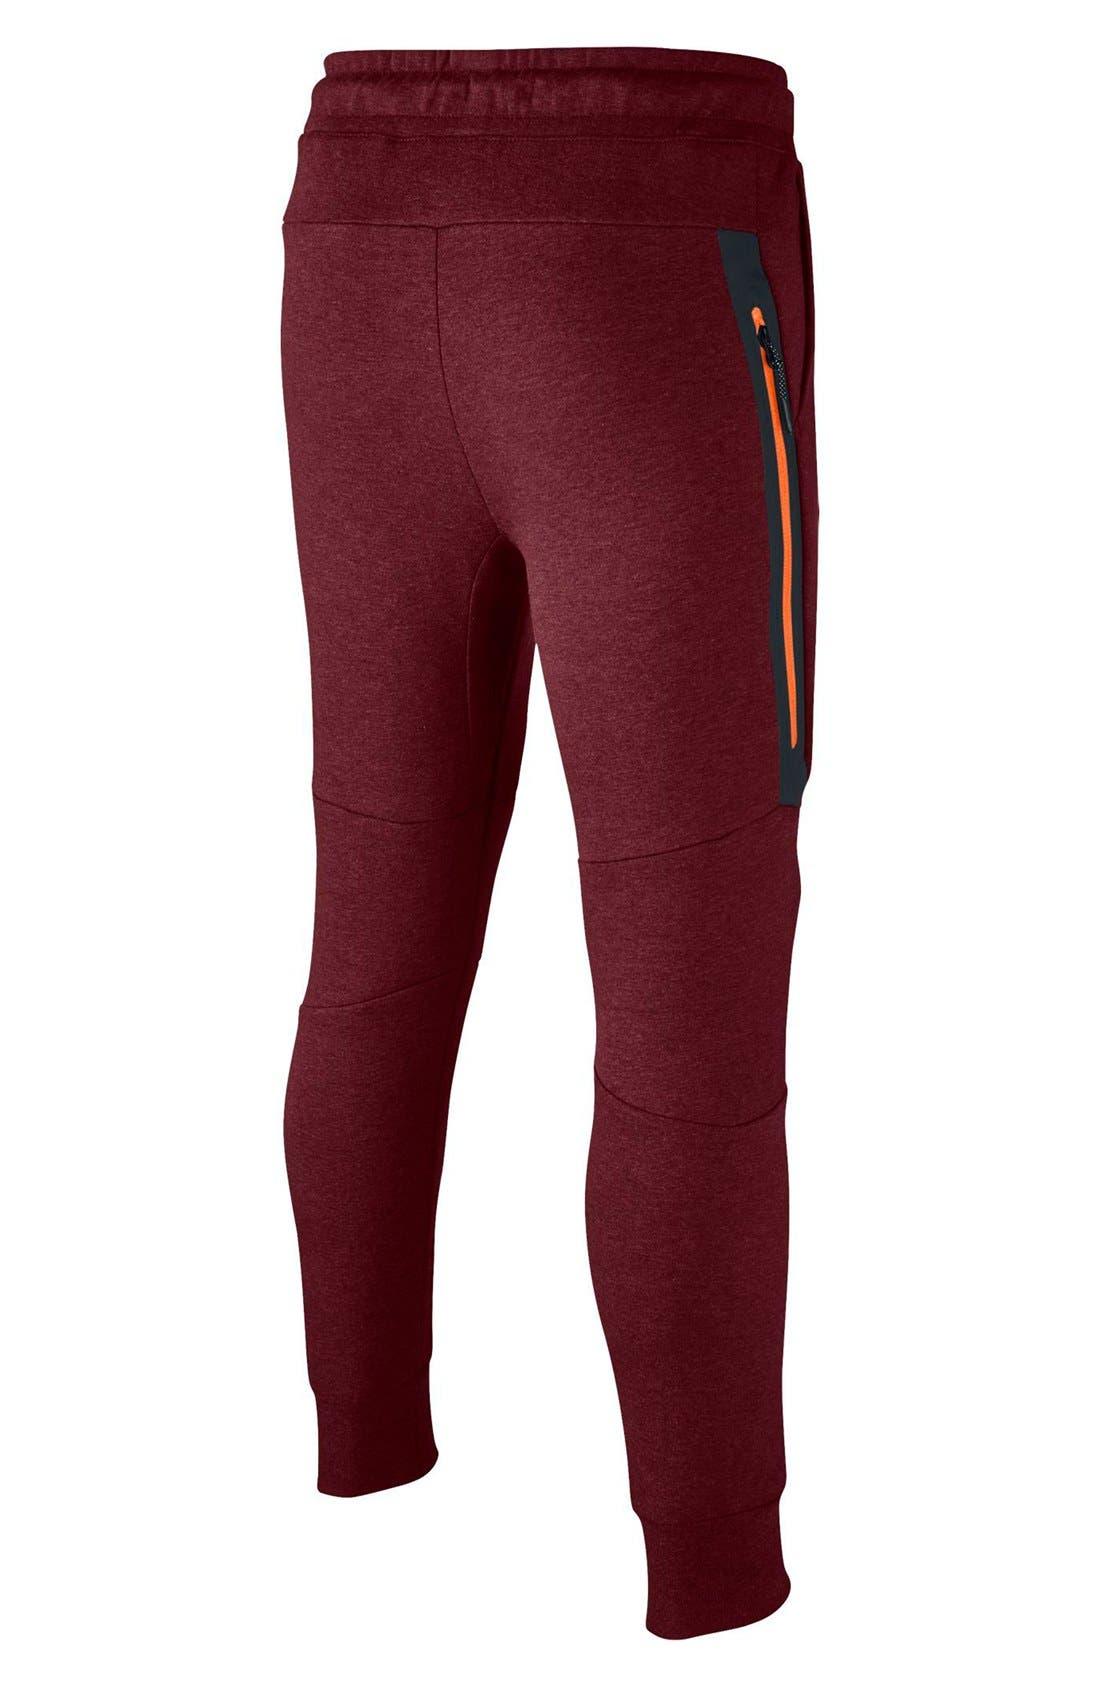 Tech Fleece Pants,                             Alternate thumbnail 31, color,